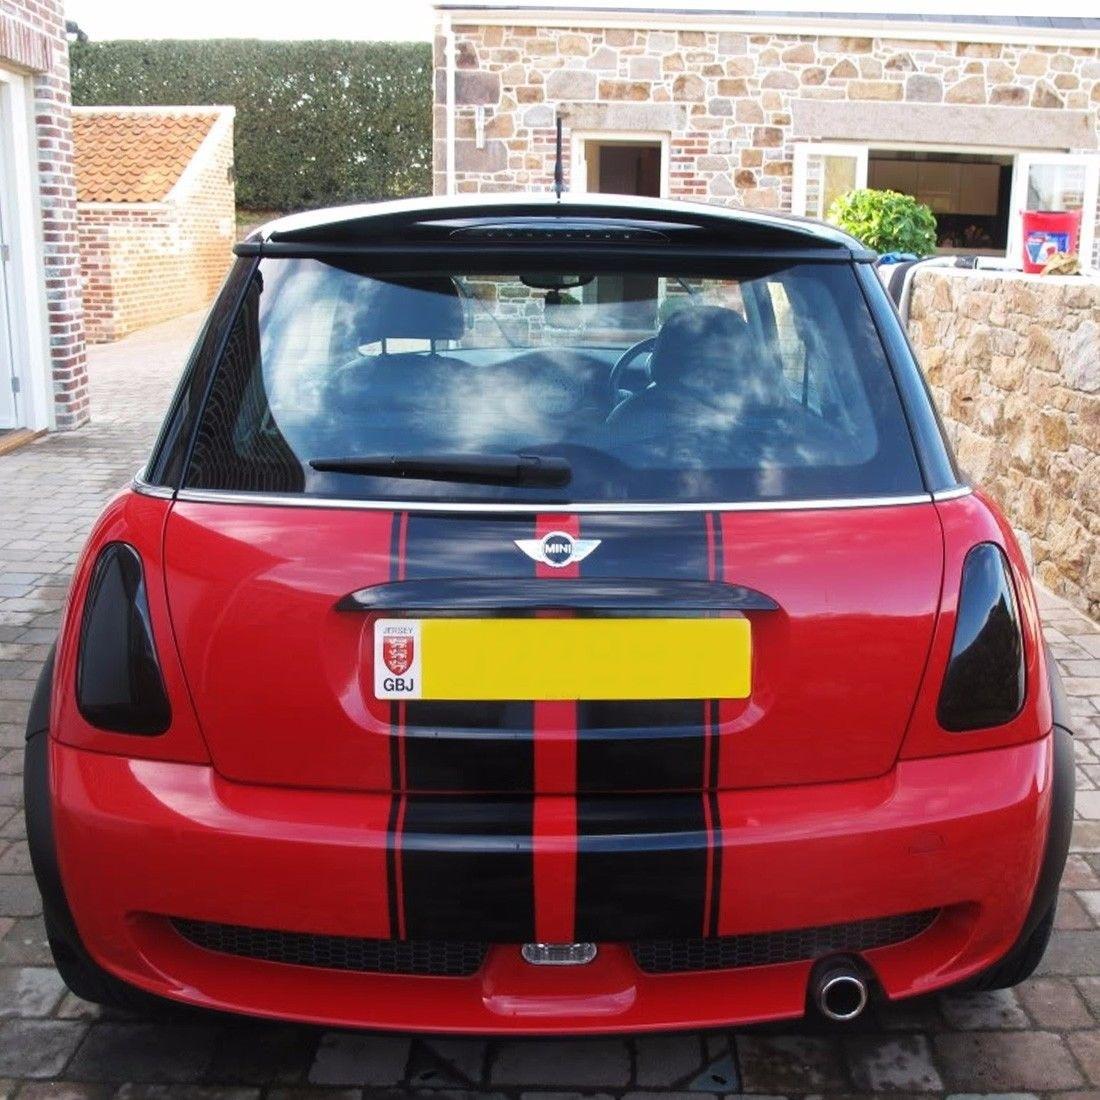 Набор полос наклейка графическая наклейка для Mini Cooper S панель фара дверная ручка автомобильный Стайлинг для капота крыша грузовика